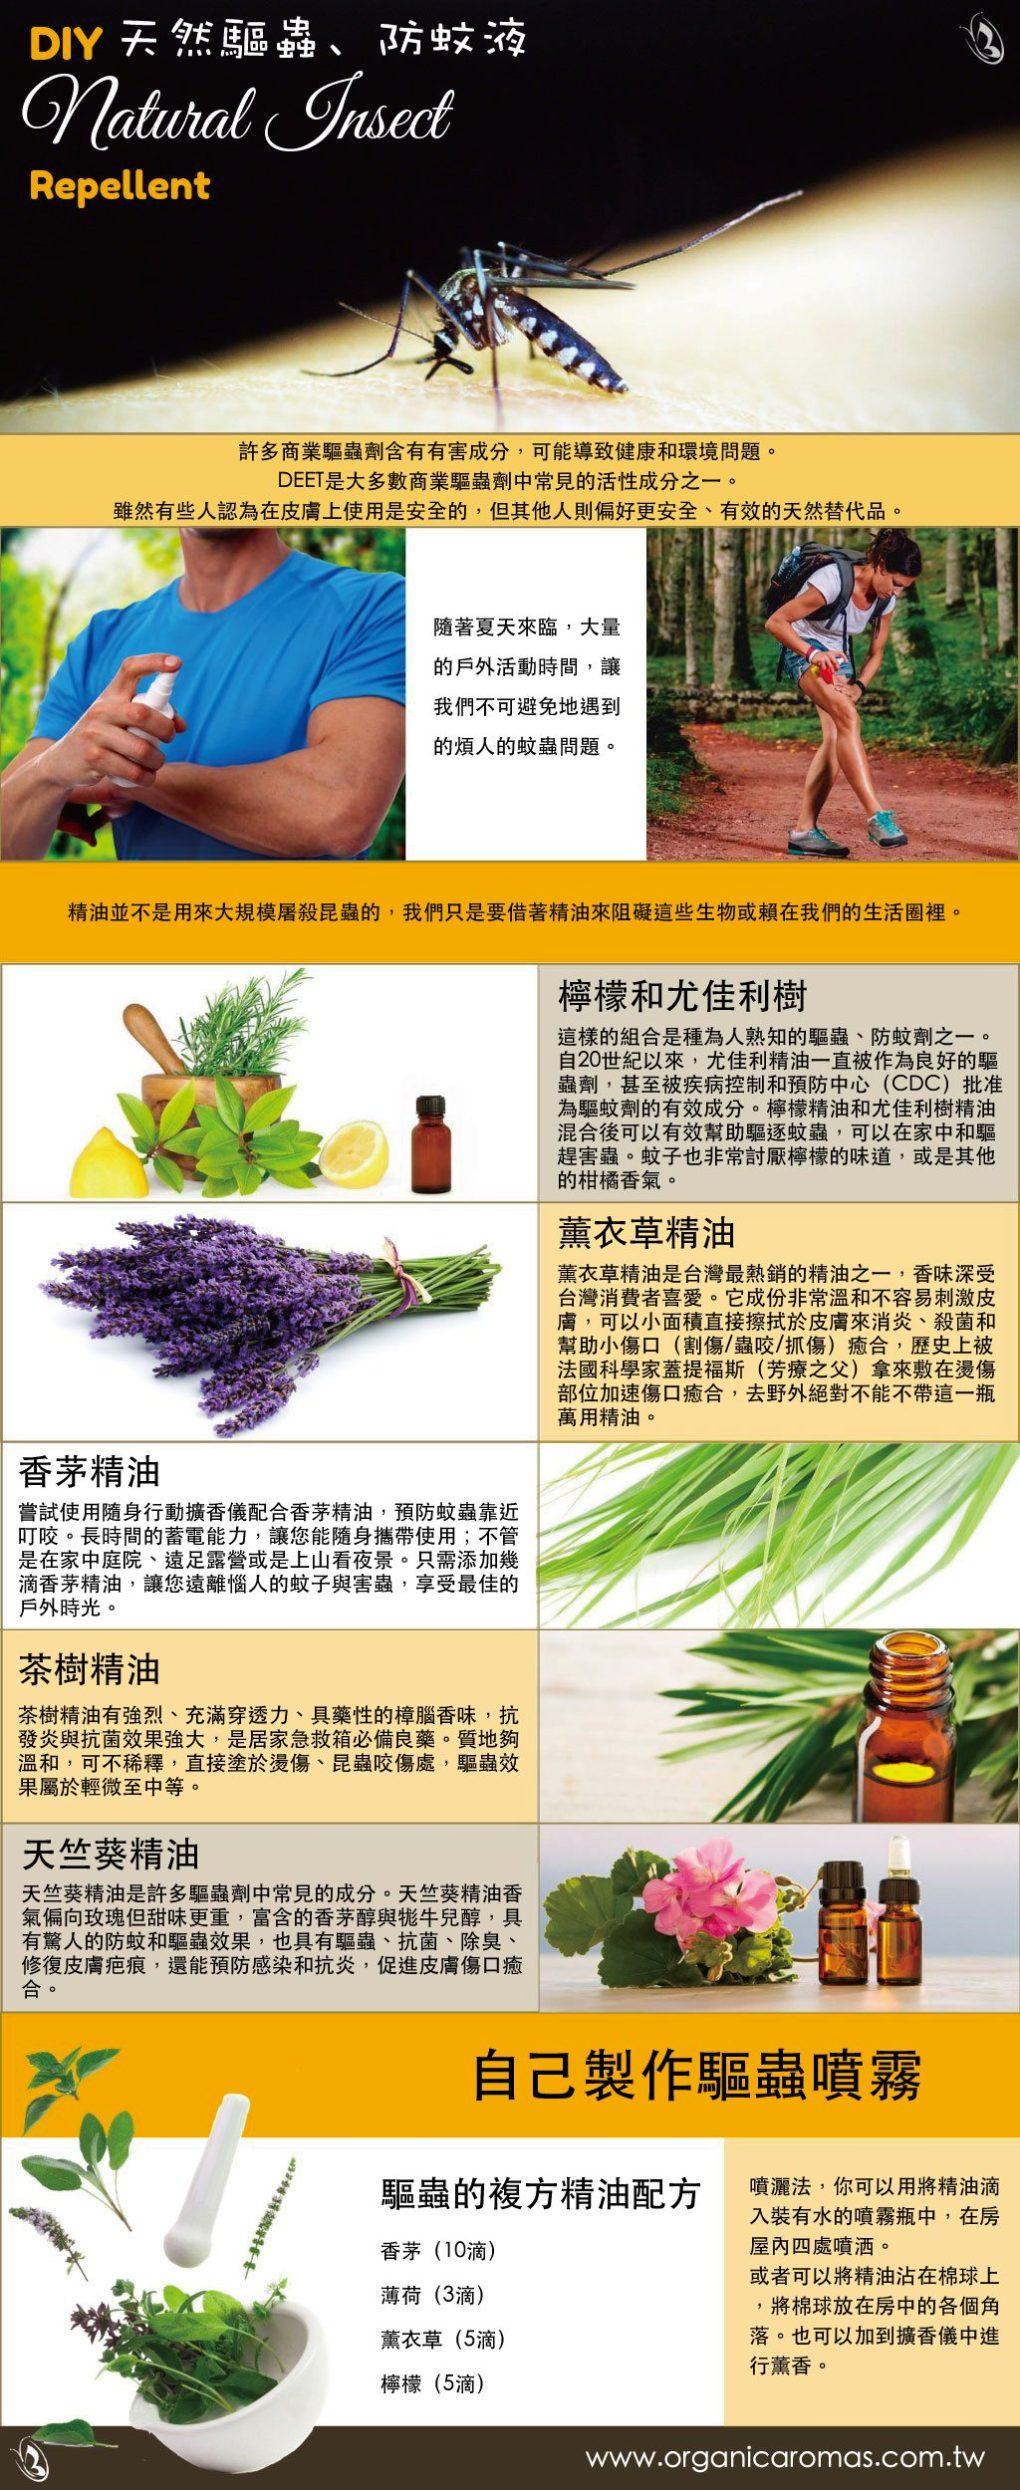 DIY天然驅蟲、防蚊液